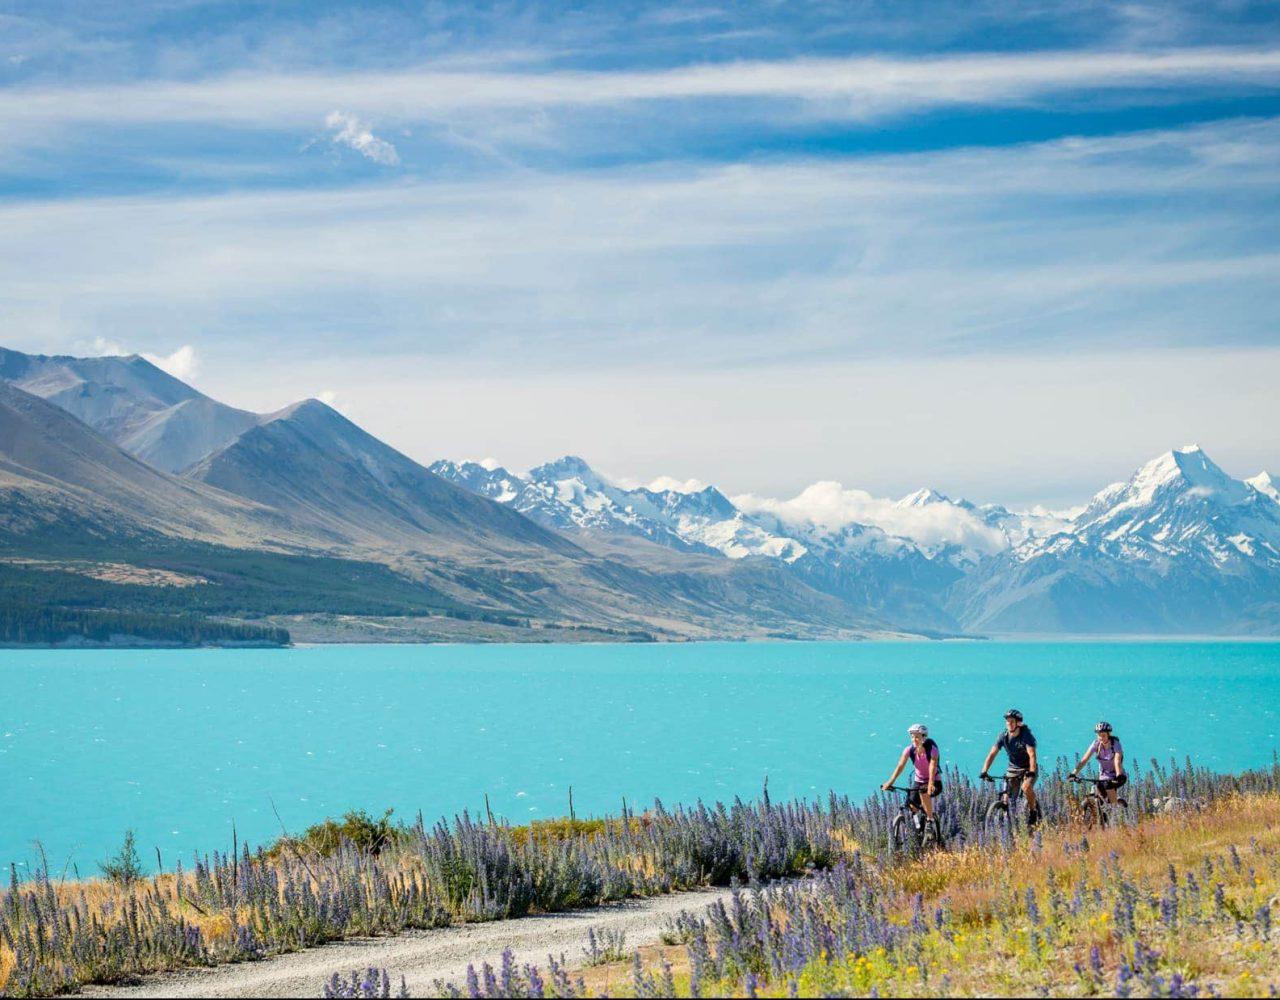 Copy of Lake Pukaki, Zuidereiland, Nieuw-Zeeland